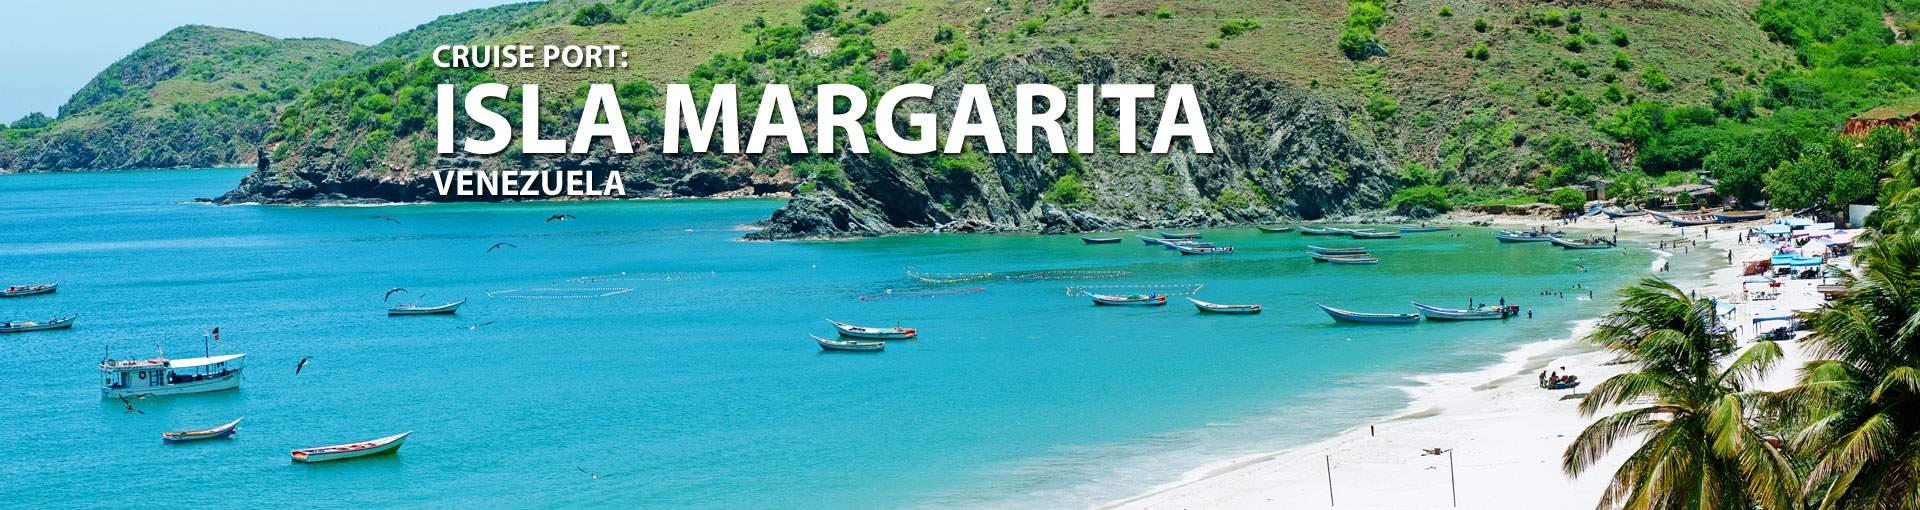 Cruises to Isla Margarita, Venezuela